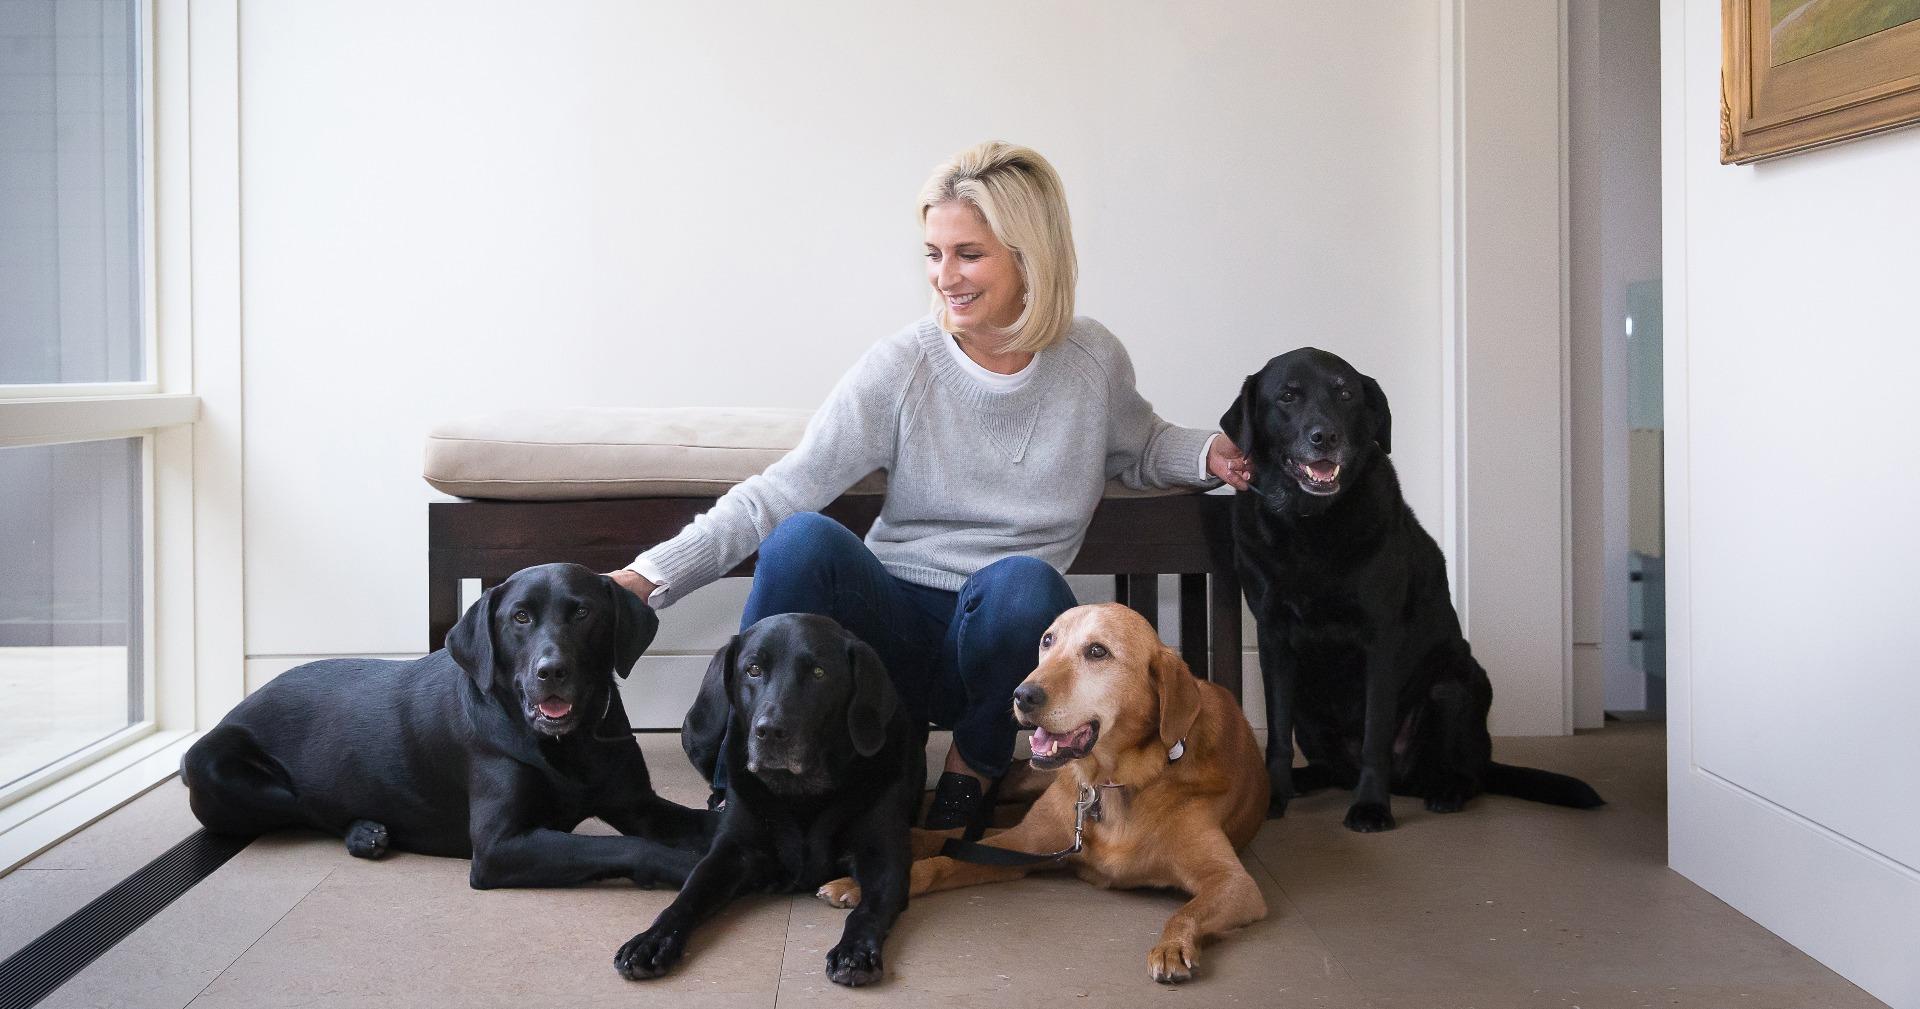 BISSELL Pet Foundation – v útulcích po celé zemi se nachází miliony domácích mazlíčků. Nadace BISSELL Pet Foundation je odhodlána ukončit bezdomovectví domácích zvířat a nalézt každému z nich milující rodinu.